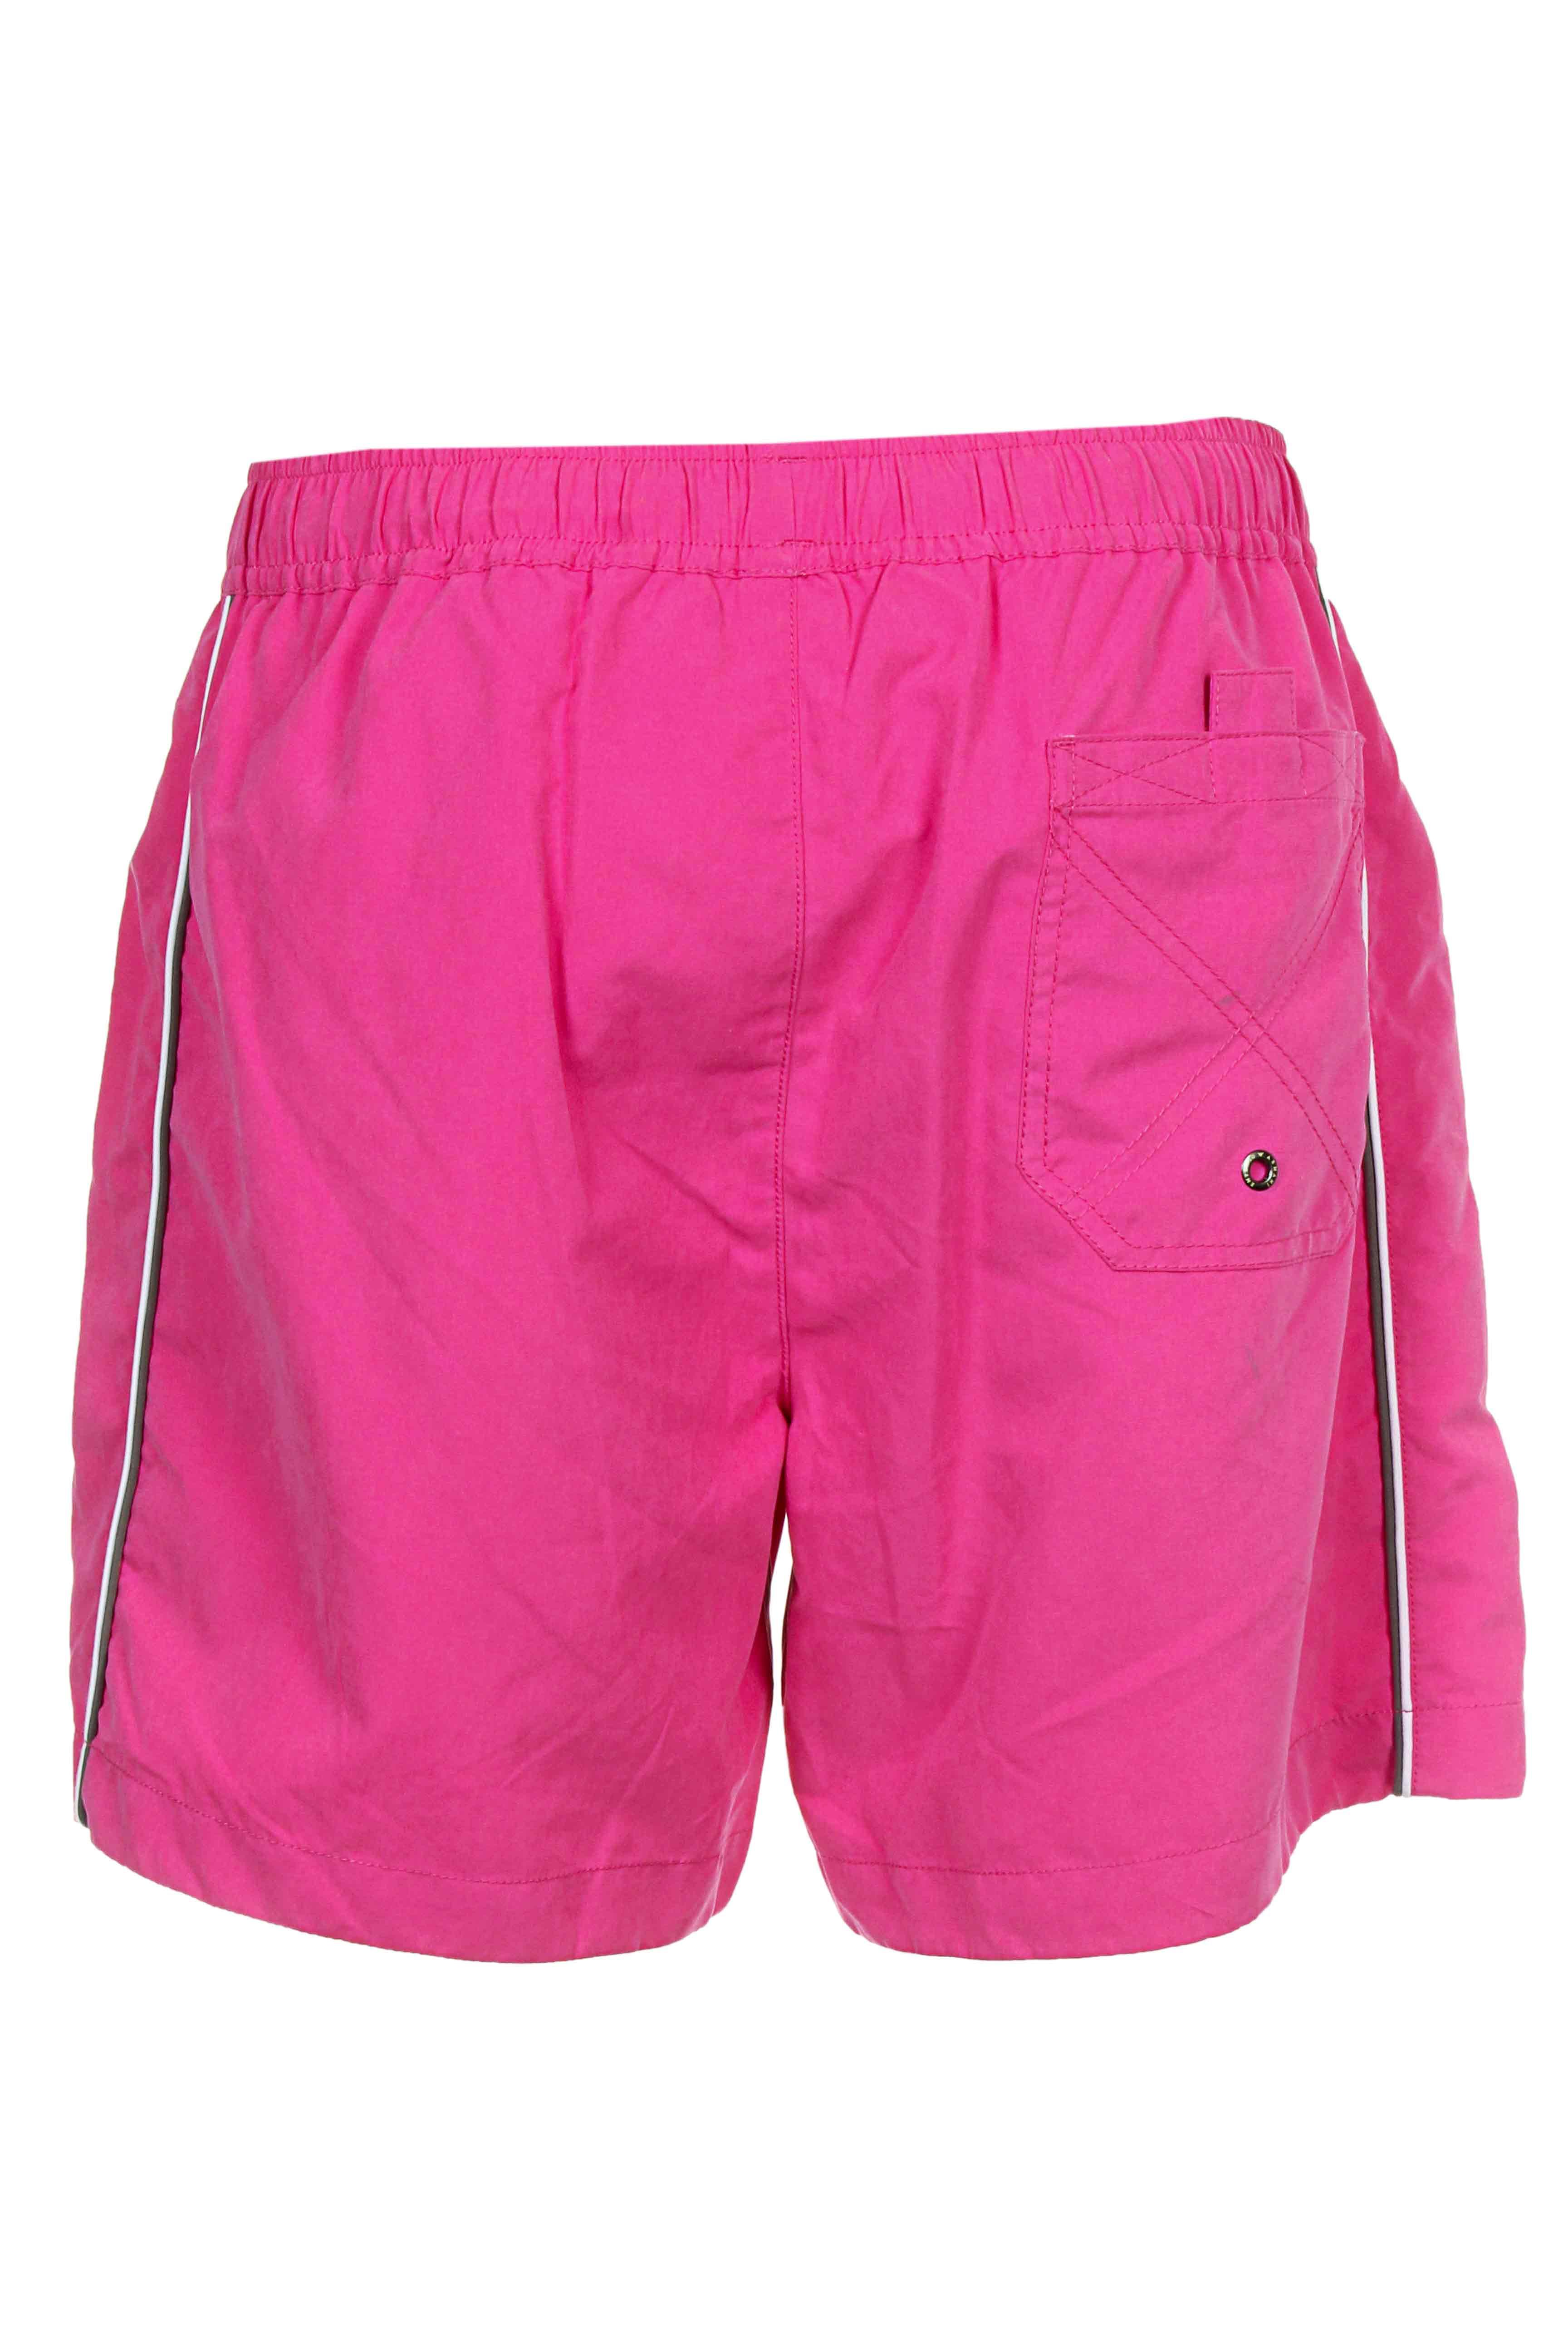 armani short homme de couleur rose en soldes pas cher 785535 rose00 modz. Black Bedroom Furniture Sets. Home Design Ideas